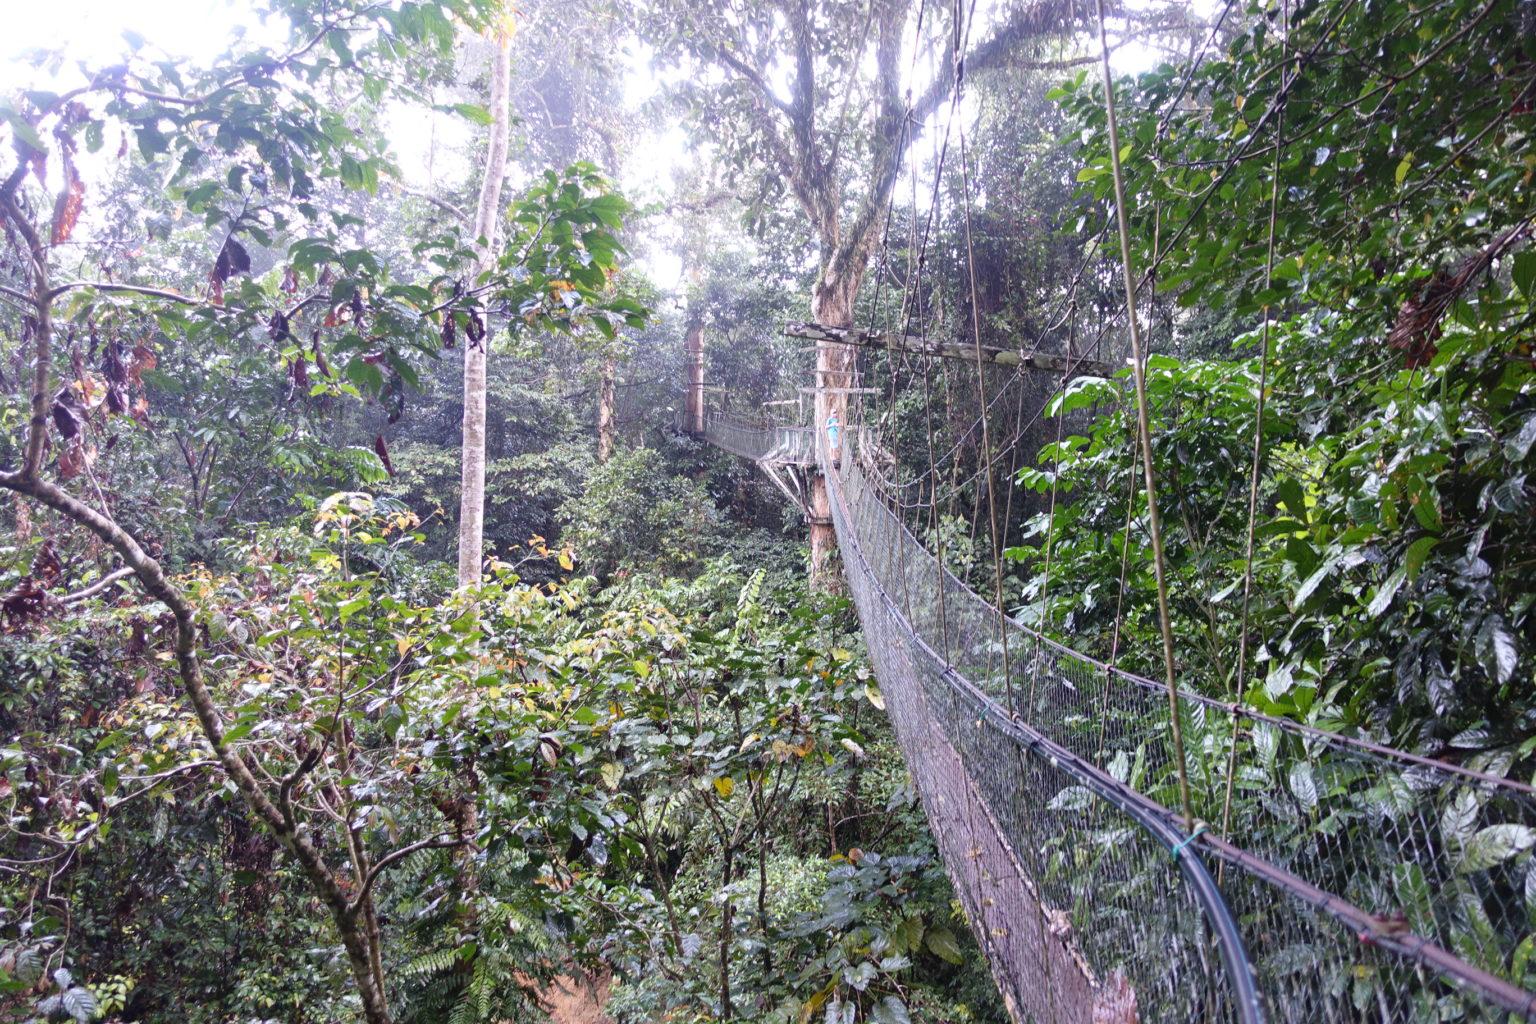 Przejście pomostami zawieszonymi w koronach drzew to punkt obowiązkowy wizyty w Mulu NP